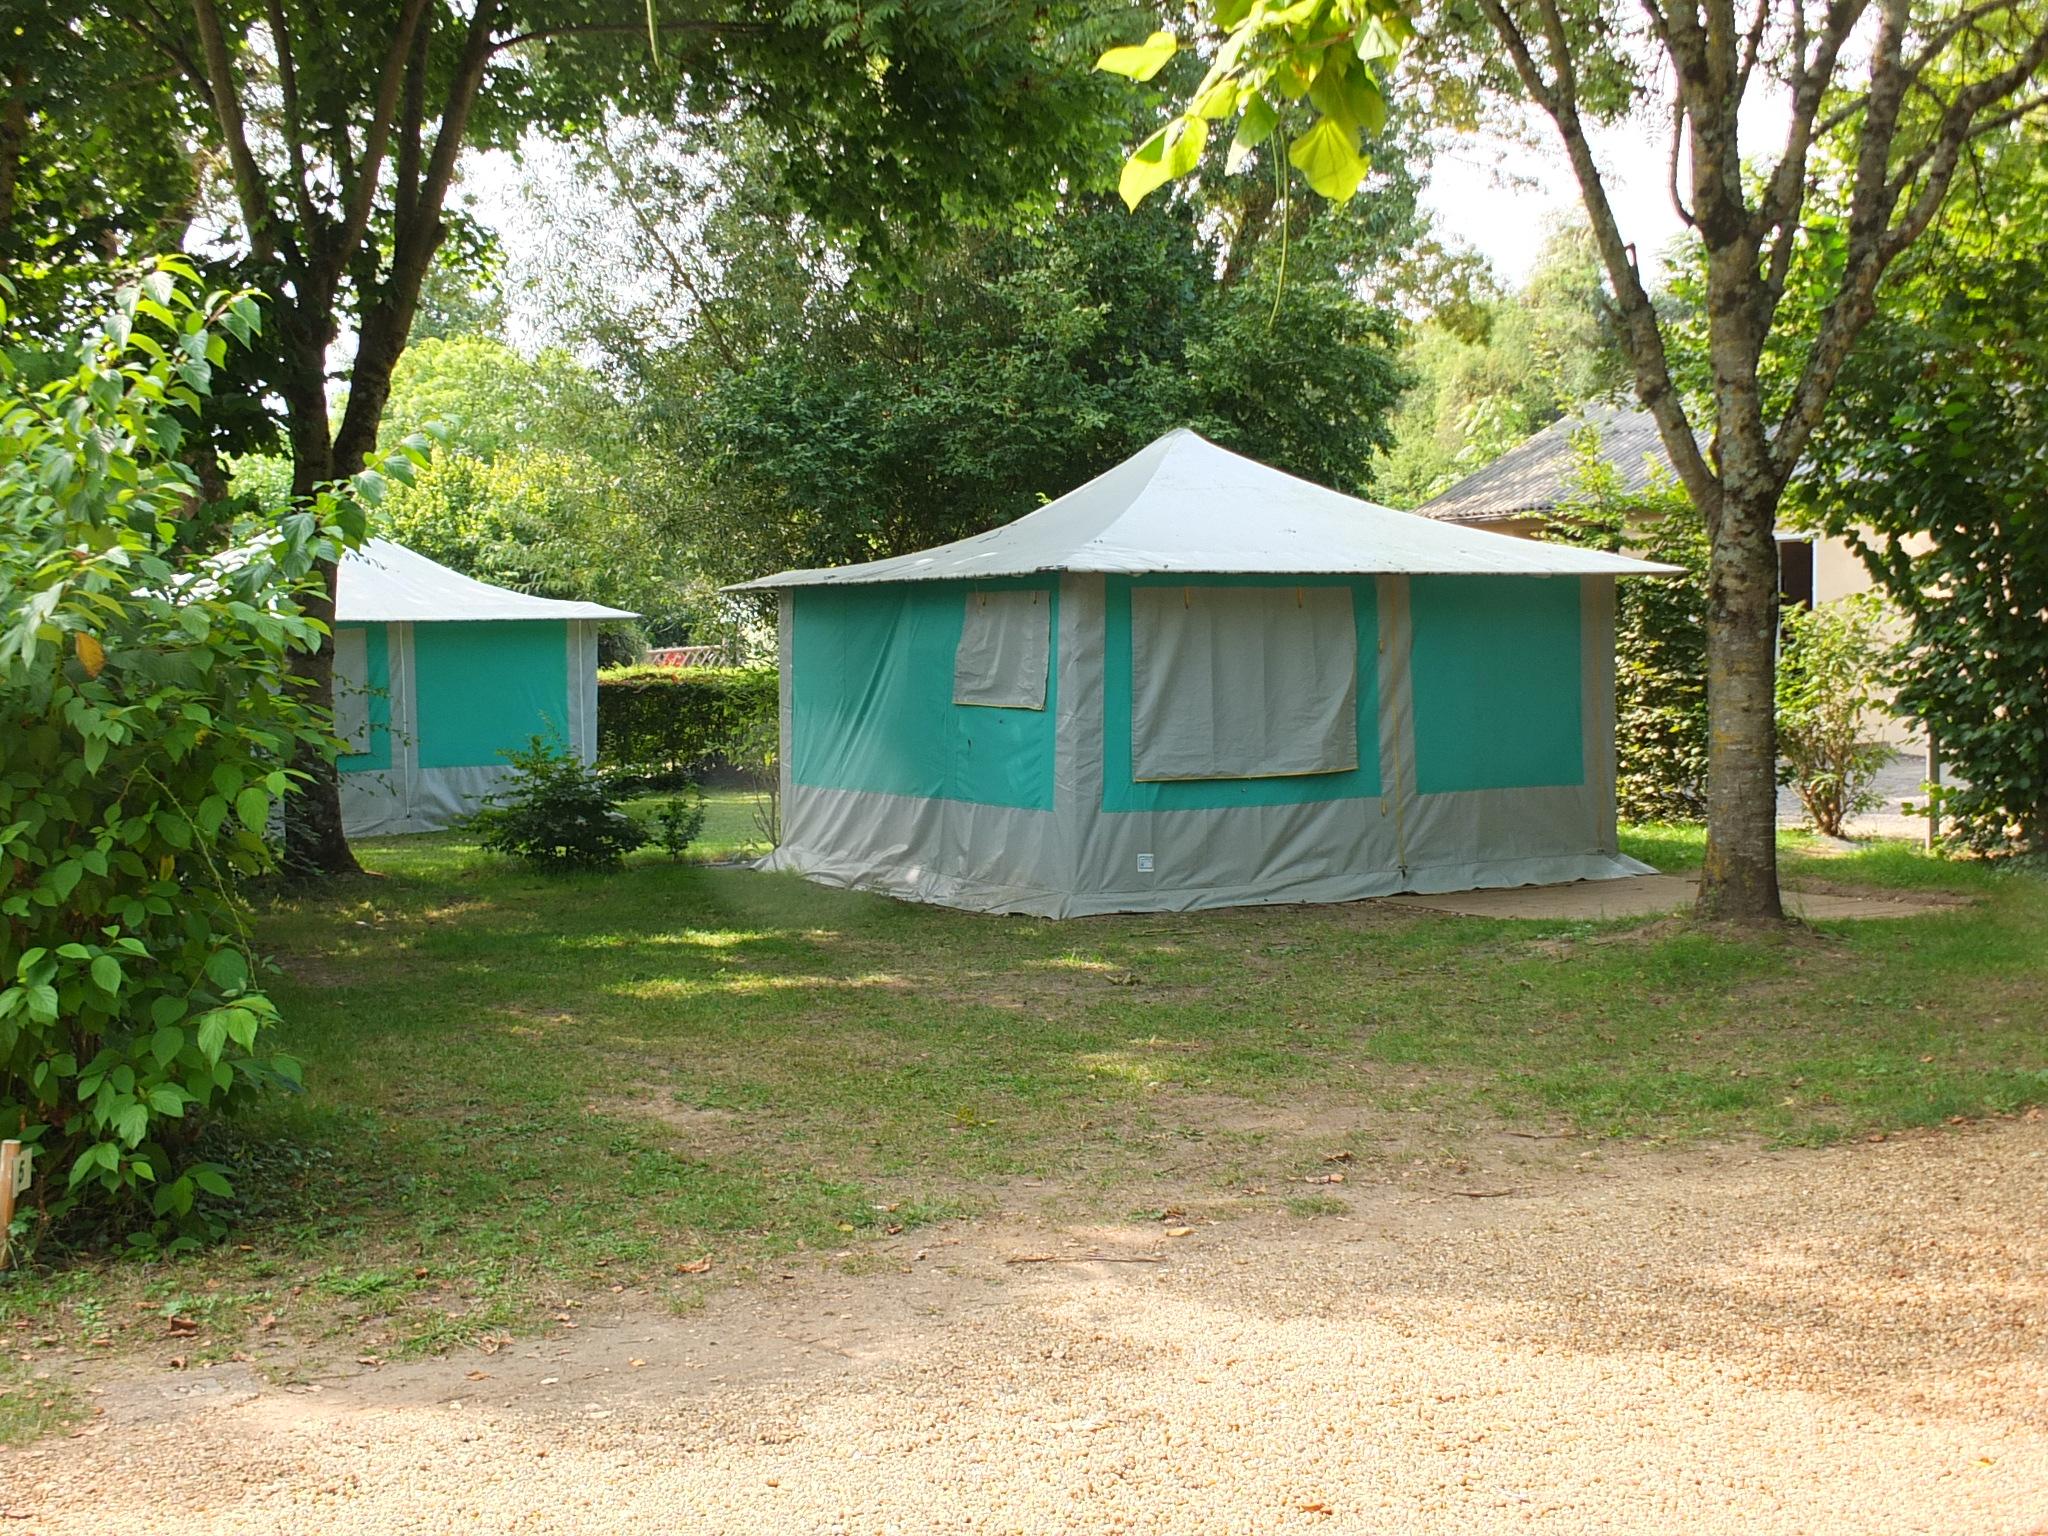 C&ing Les Portes de lu0027Anjou ... & Camping bungalows tents - Loire Valley - Mobile home bungalow ...